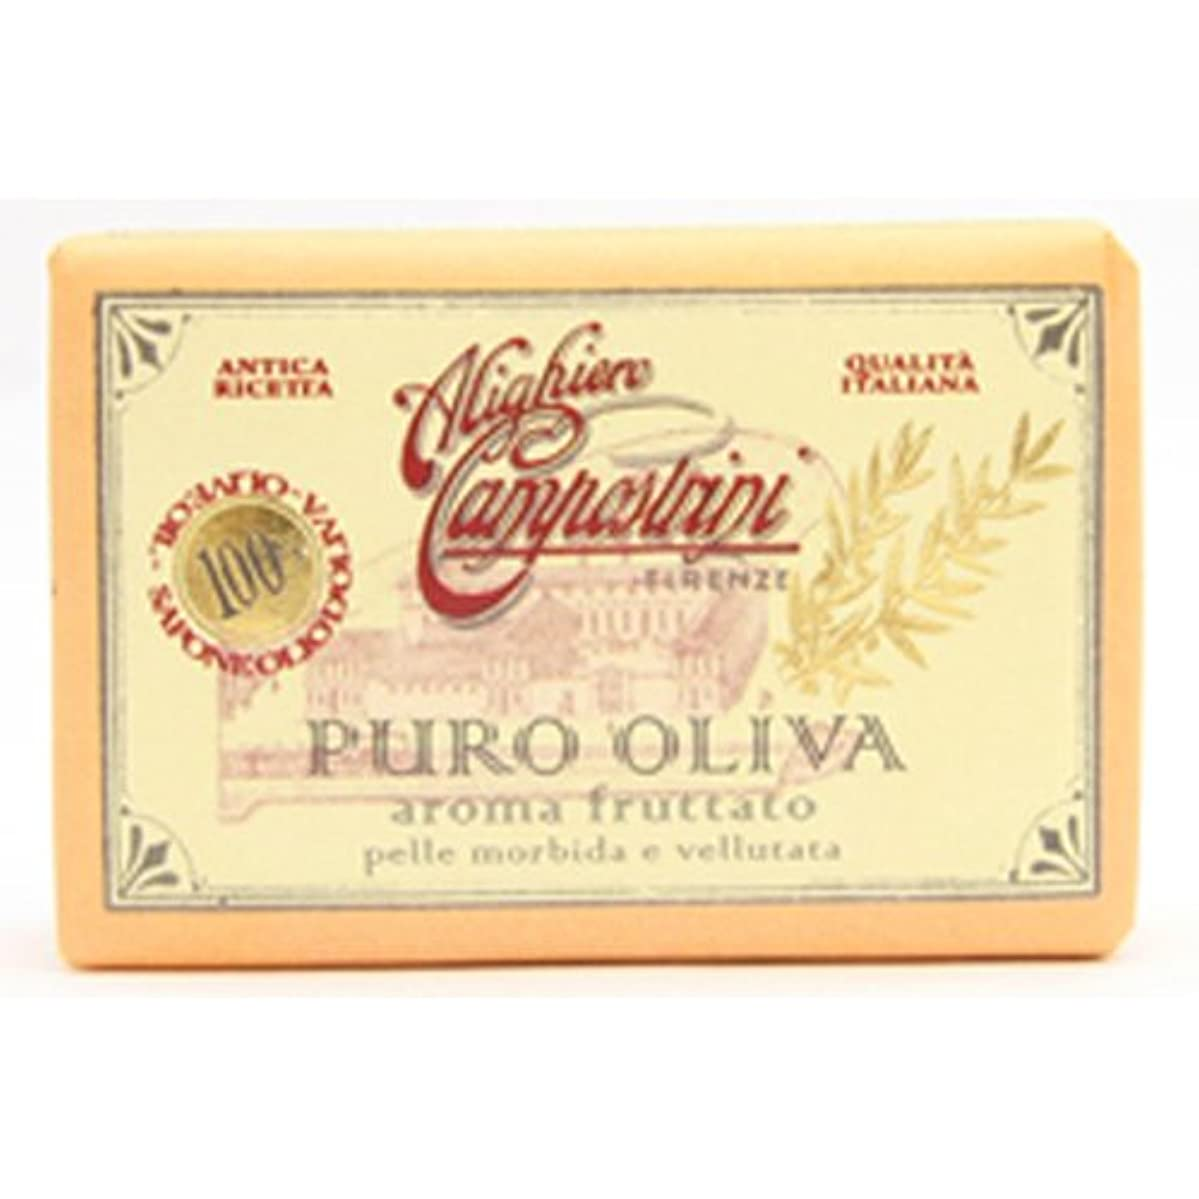 うなり声緑炎上Saponerire Fissi サポネリーフィッシー PURO OLIVA Soap オリーブオイル ピュロ ソープ Aroma fruttato フルーツ(オレンジ)